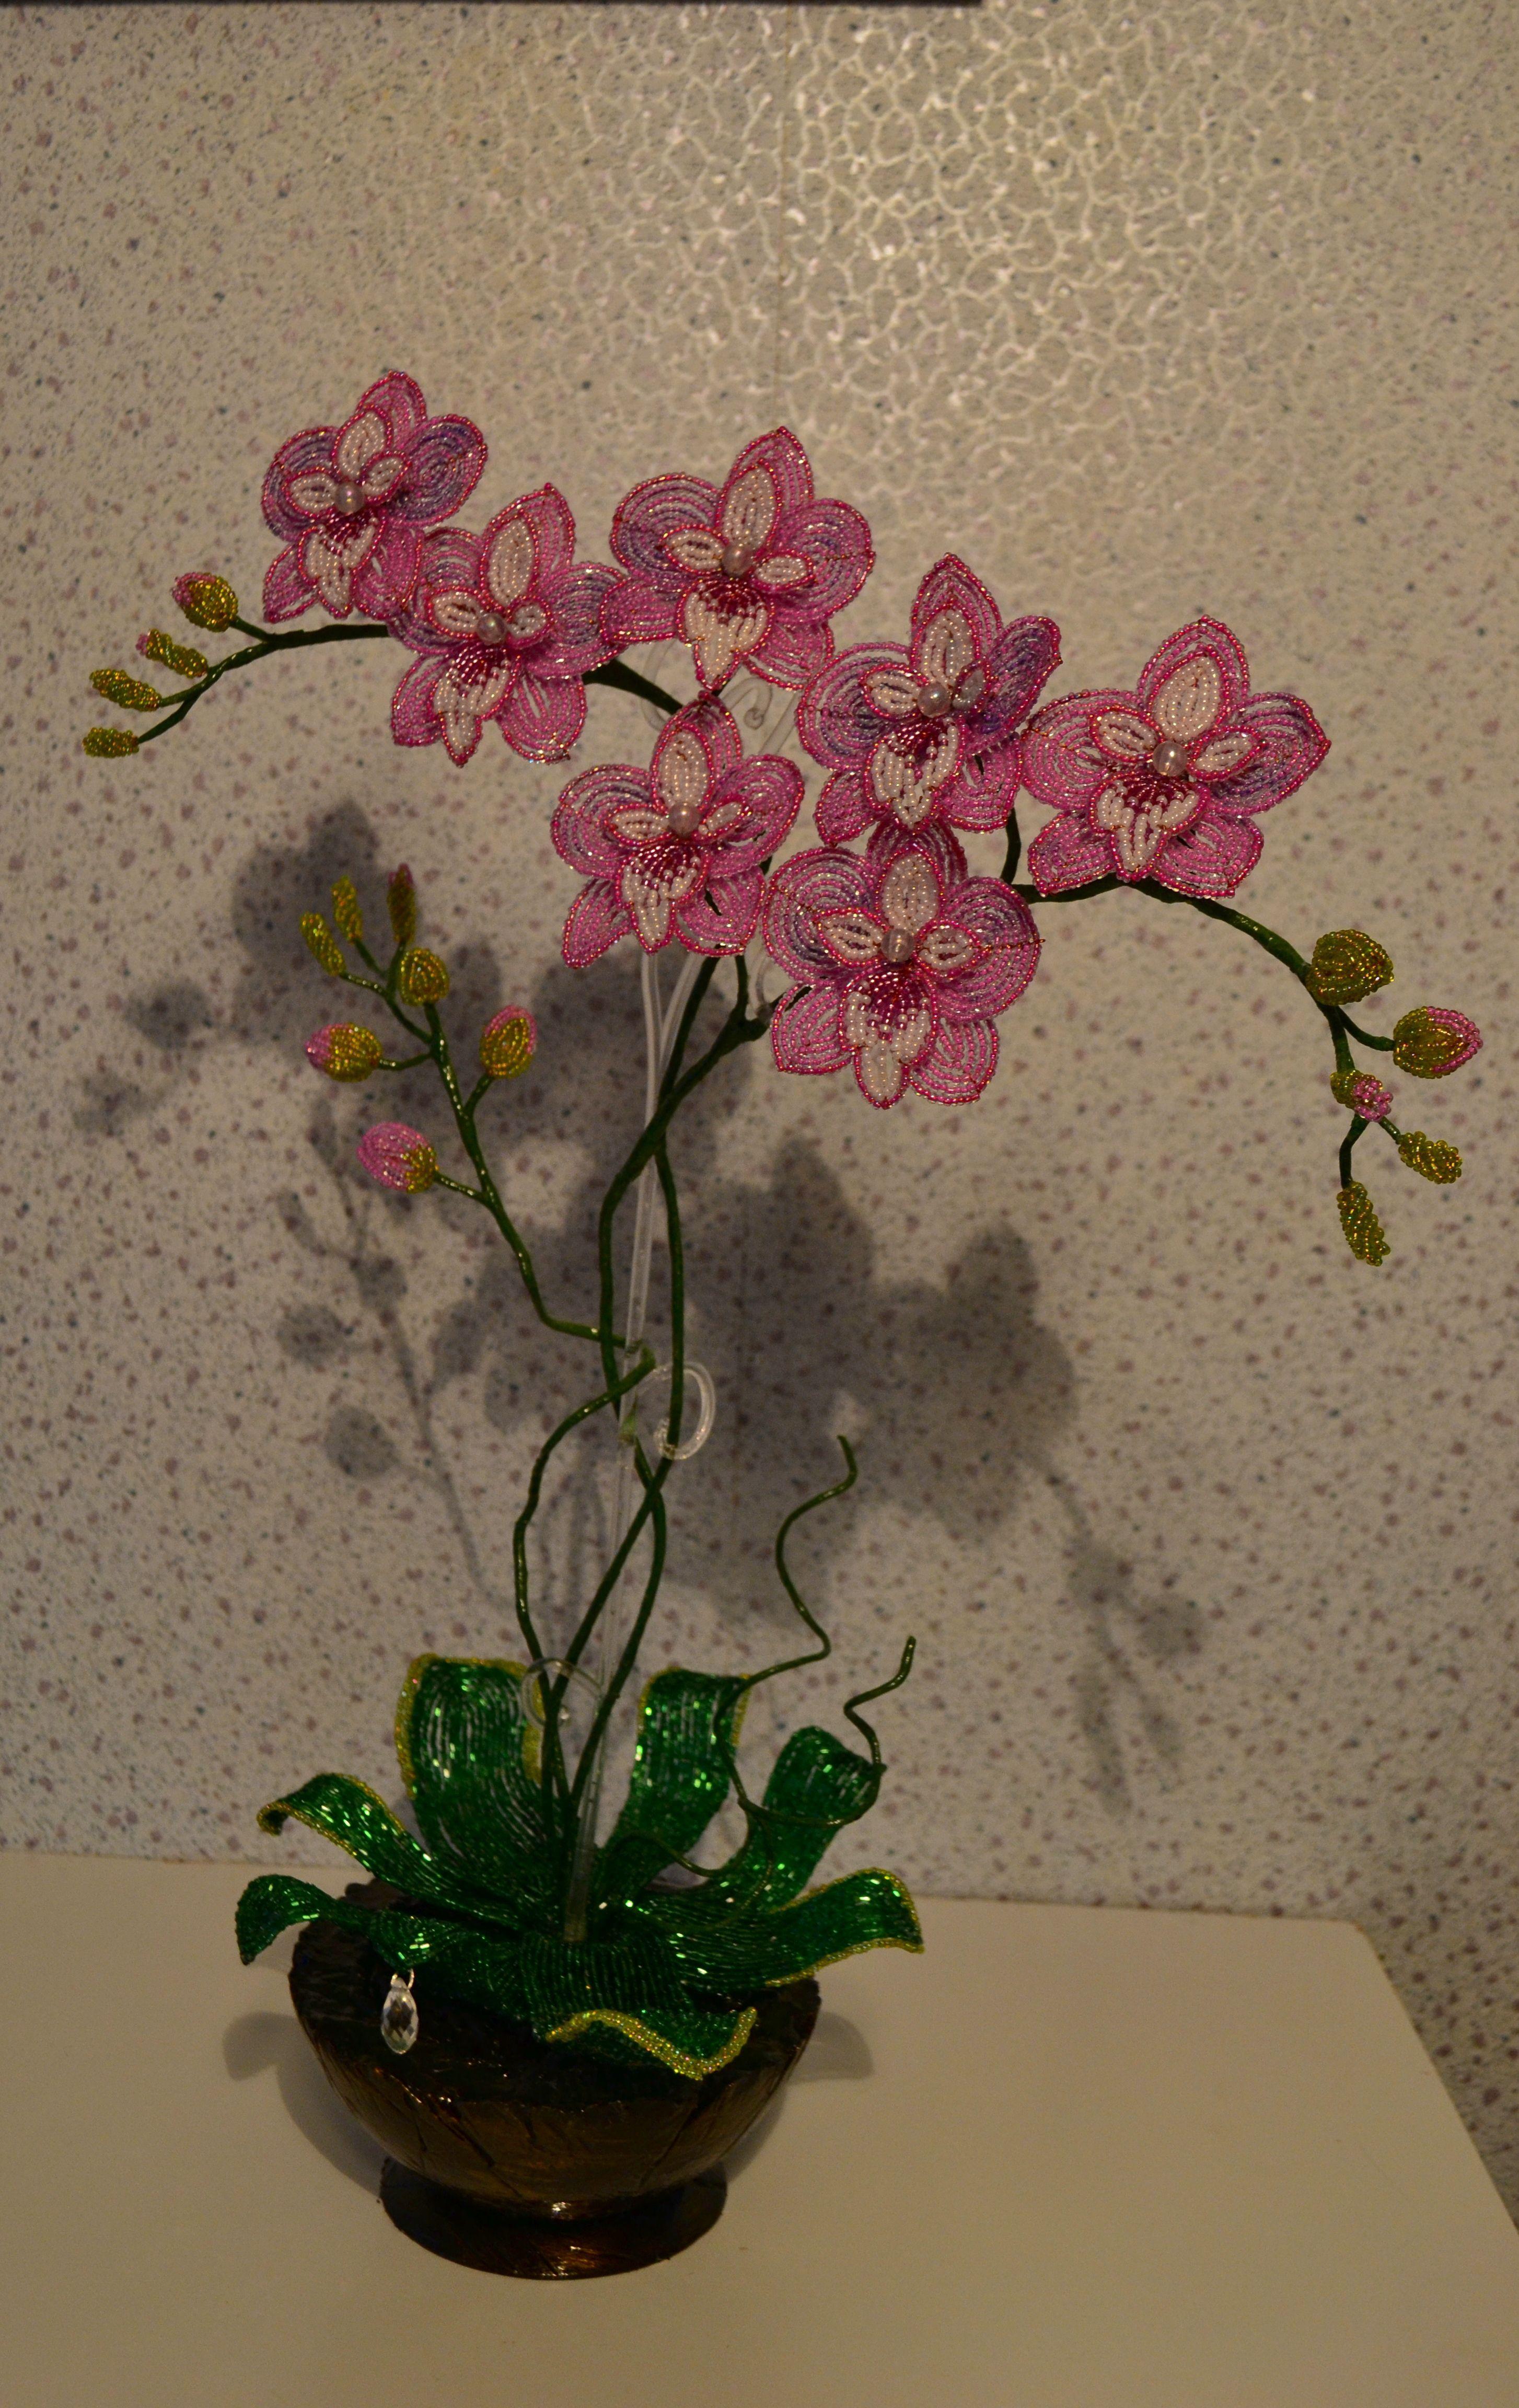 8марта бисер букет сувенир орхидея весна подарок цветы